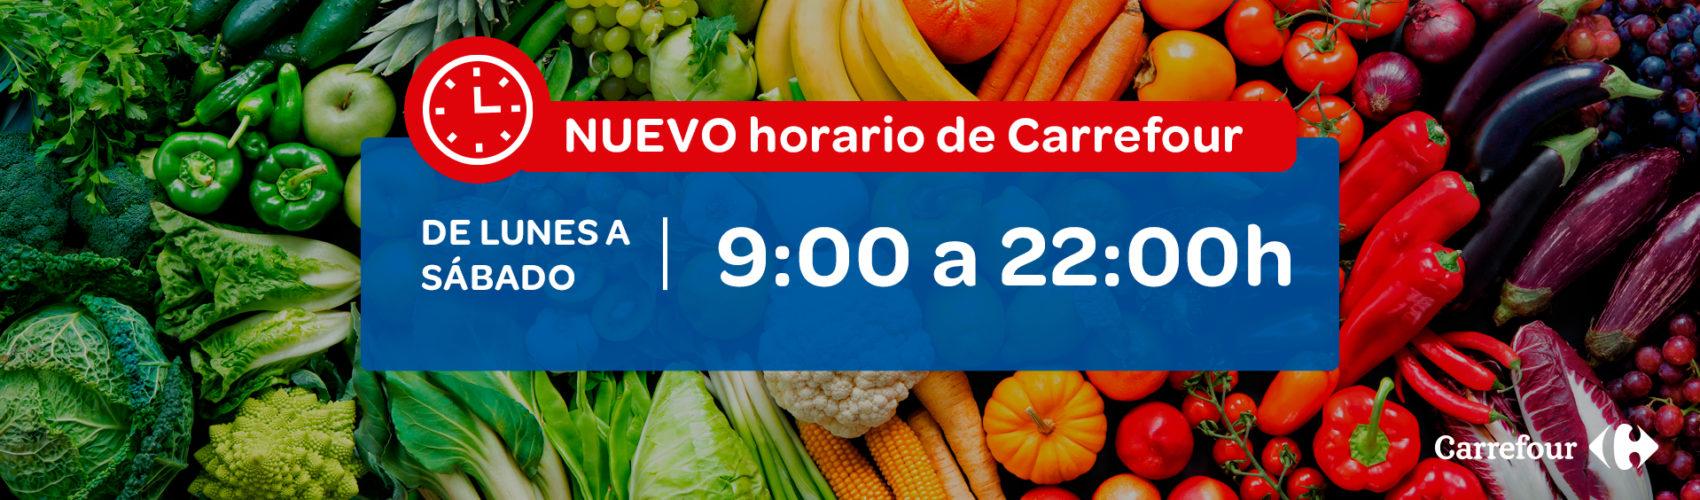 Nuevo horario Carrefour, Centro Comercial La Verónica